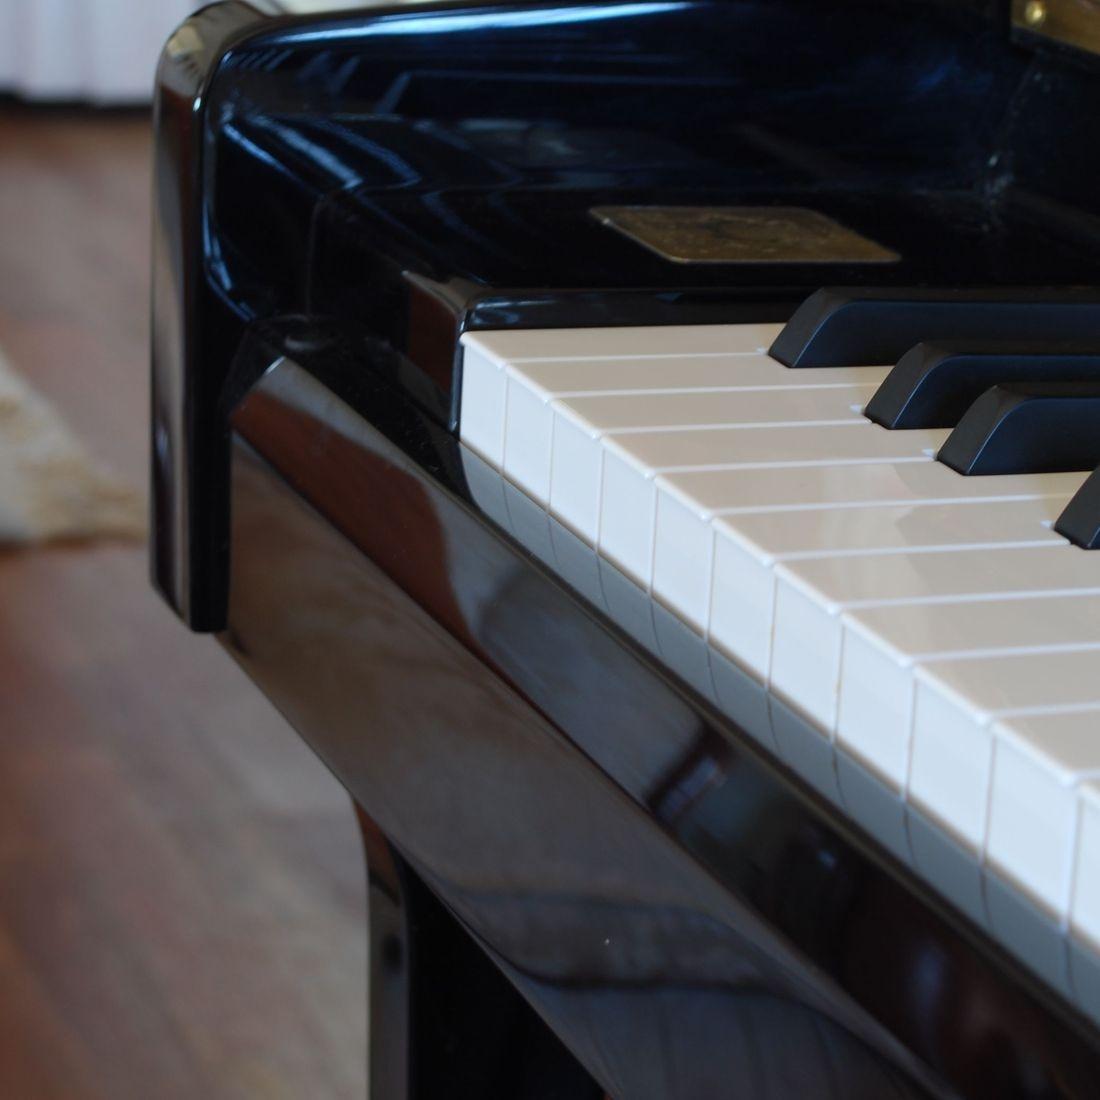 Piano removals Swidon